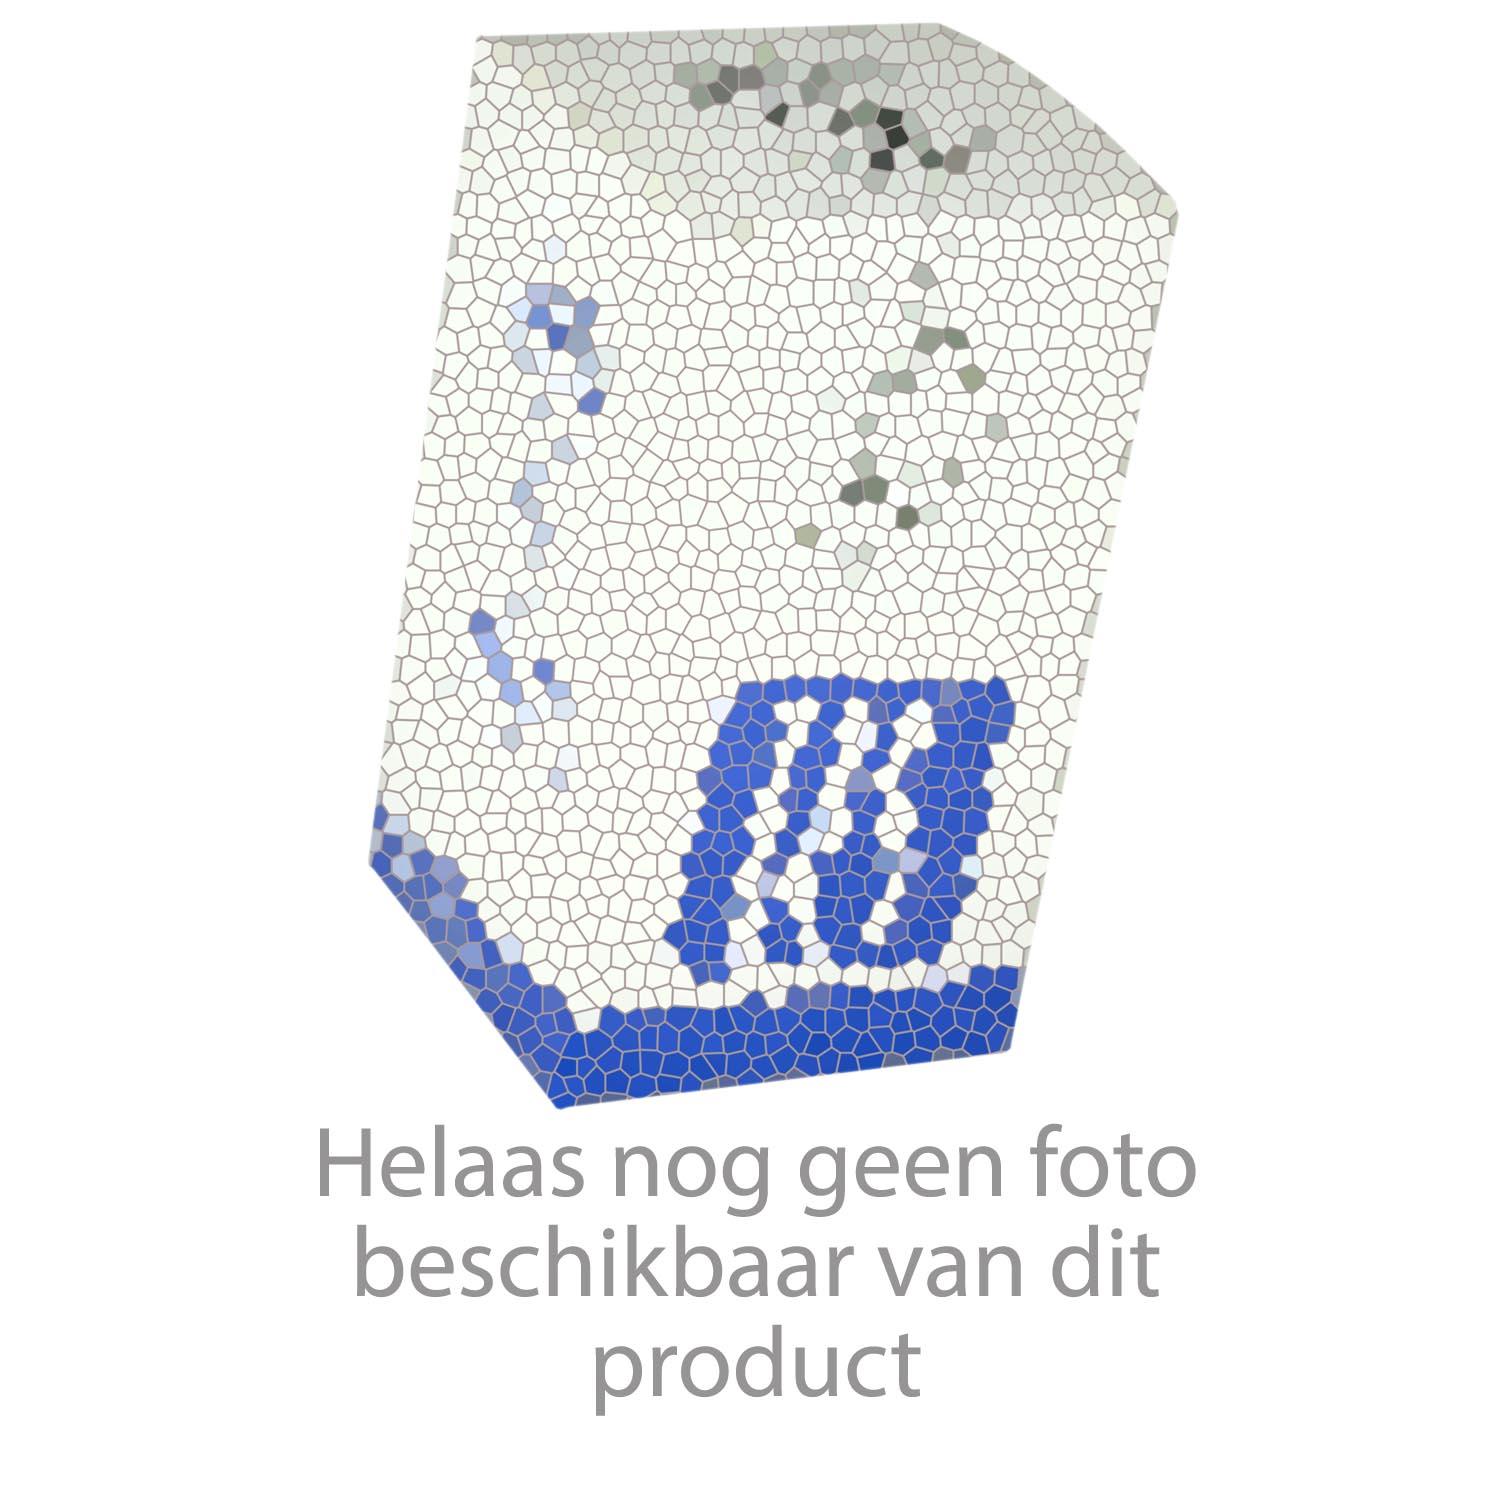 HansGrohe Keukenmengkranen Allegra Variarc productiejaar > 05/02 14870 onderdelen